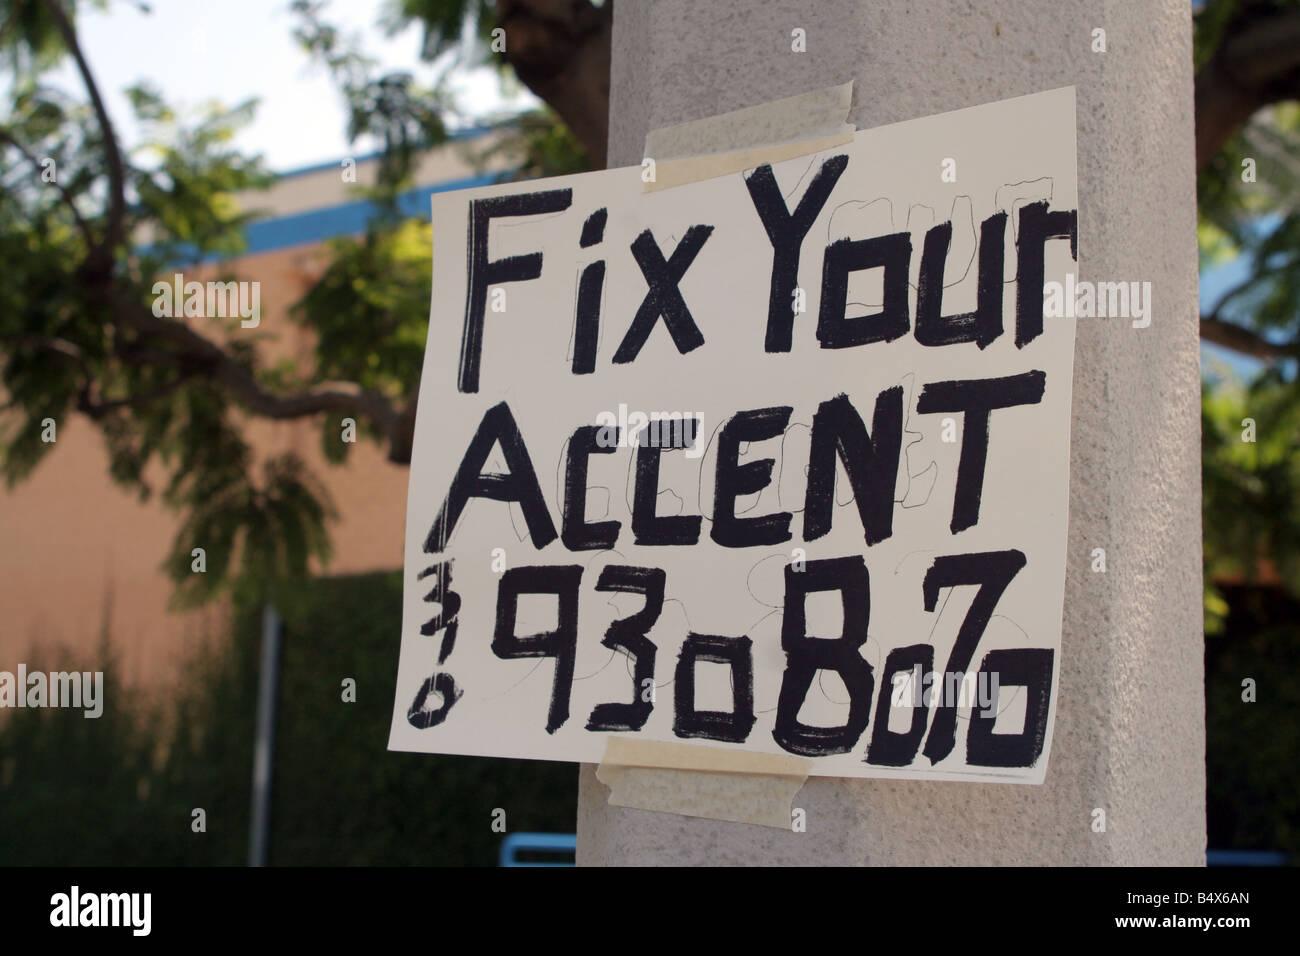 Riduzione dell'accento segno in strada in California, Stati Uniti d'America Immagini Stock